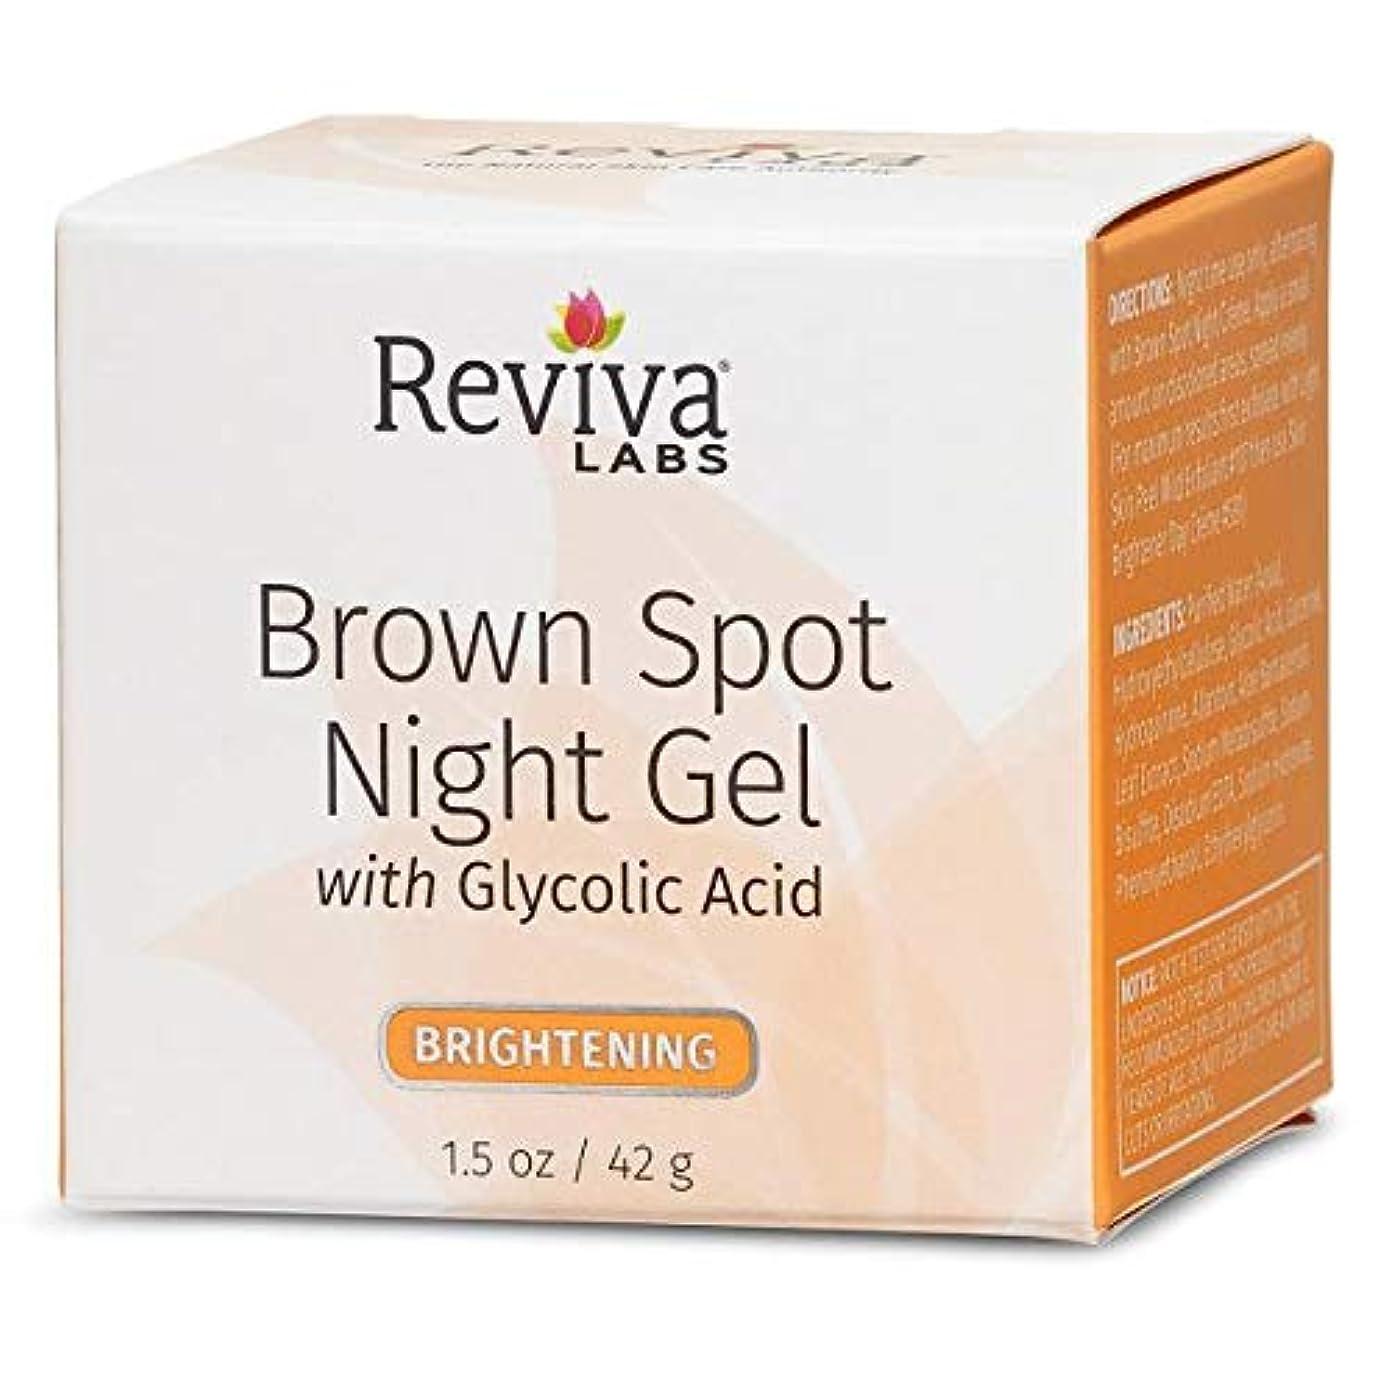 意図ブルーベルドームブラウンスポット ナイトジェル グリコール酸入り 1.25oz. REVIVA LABS社製 海外直送品